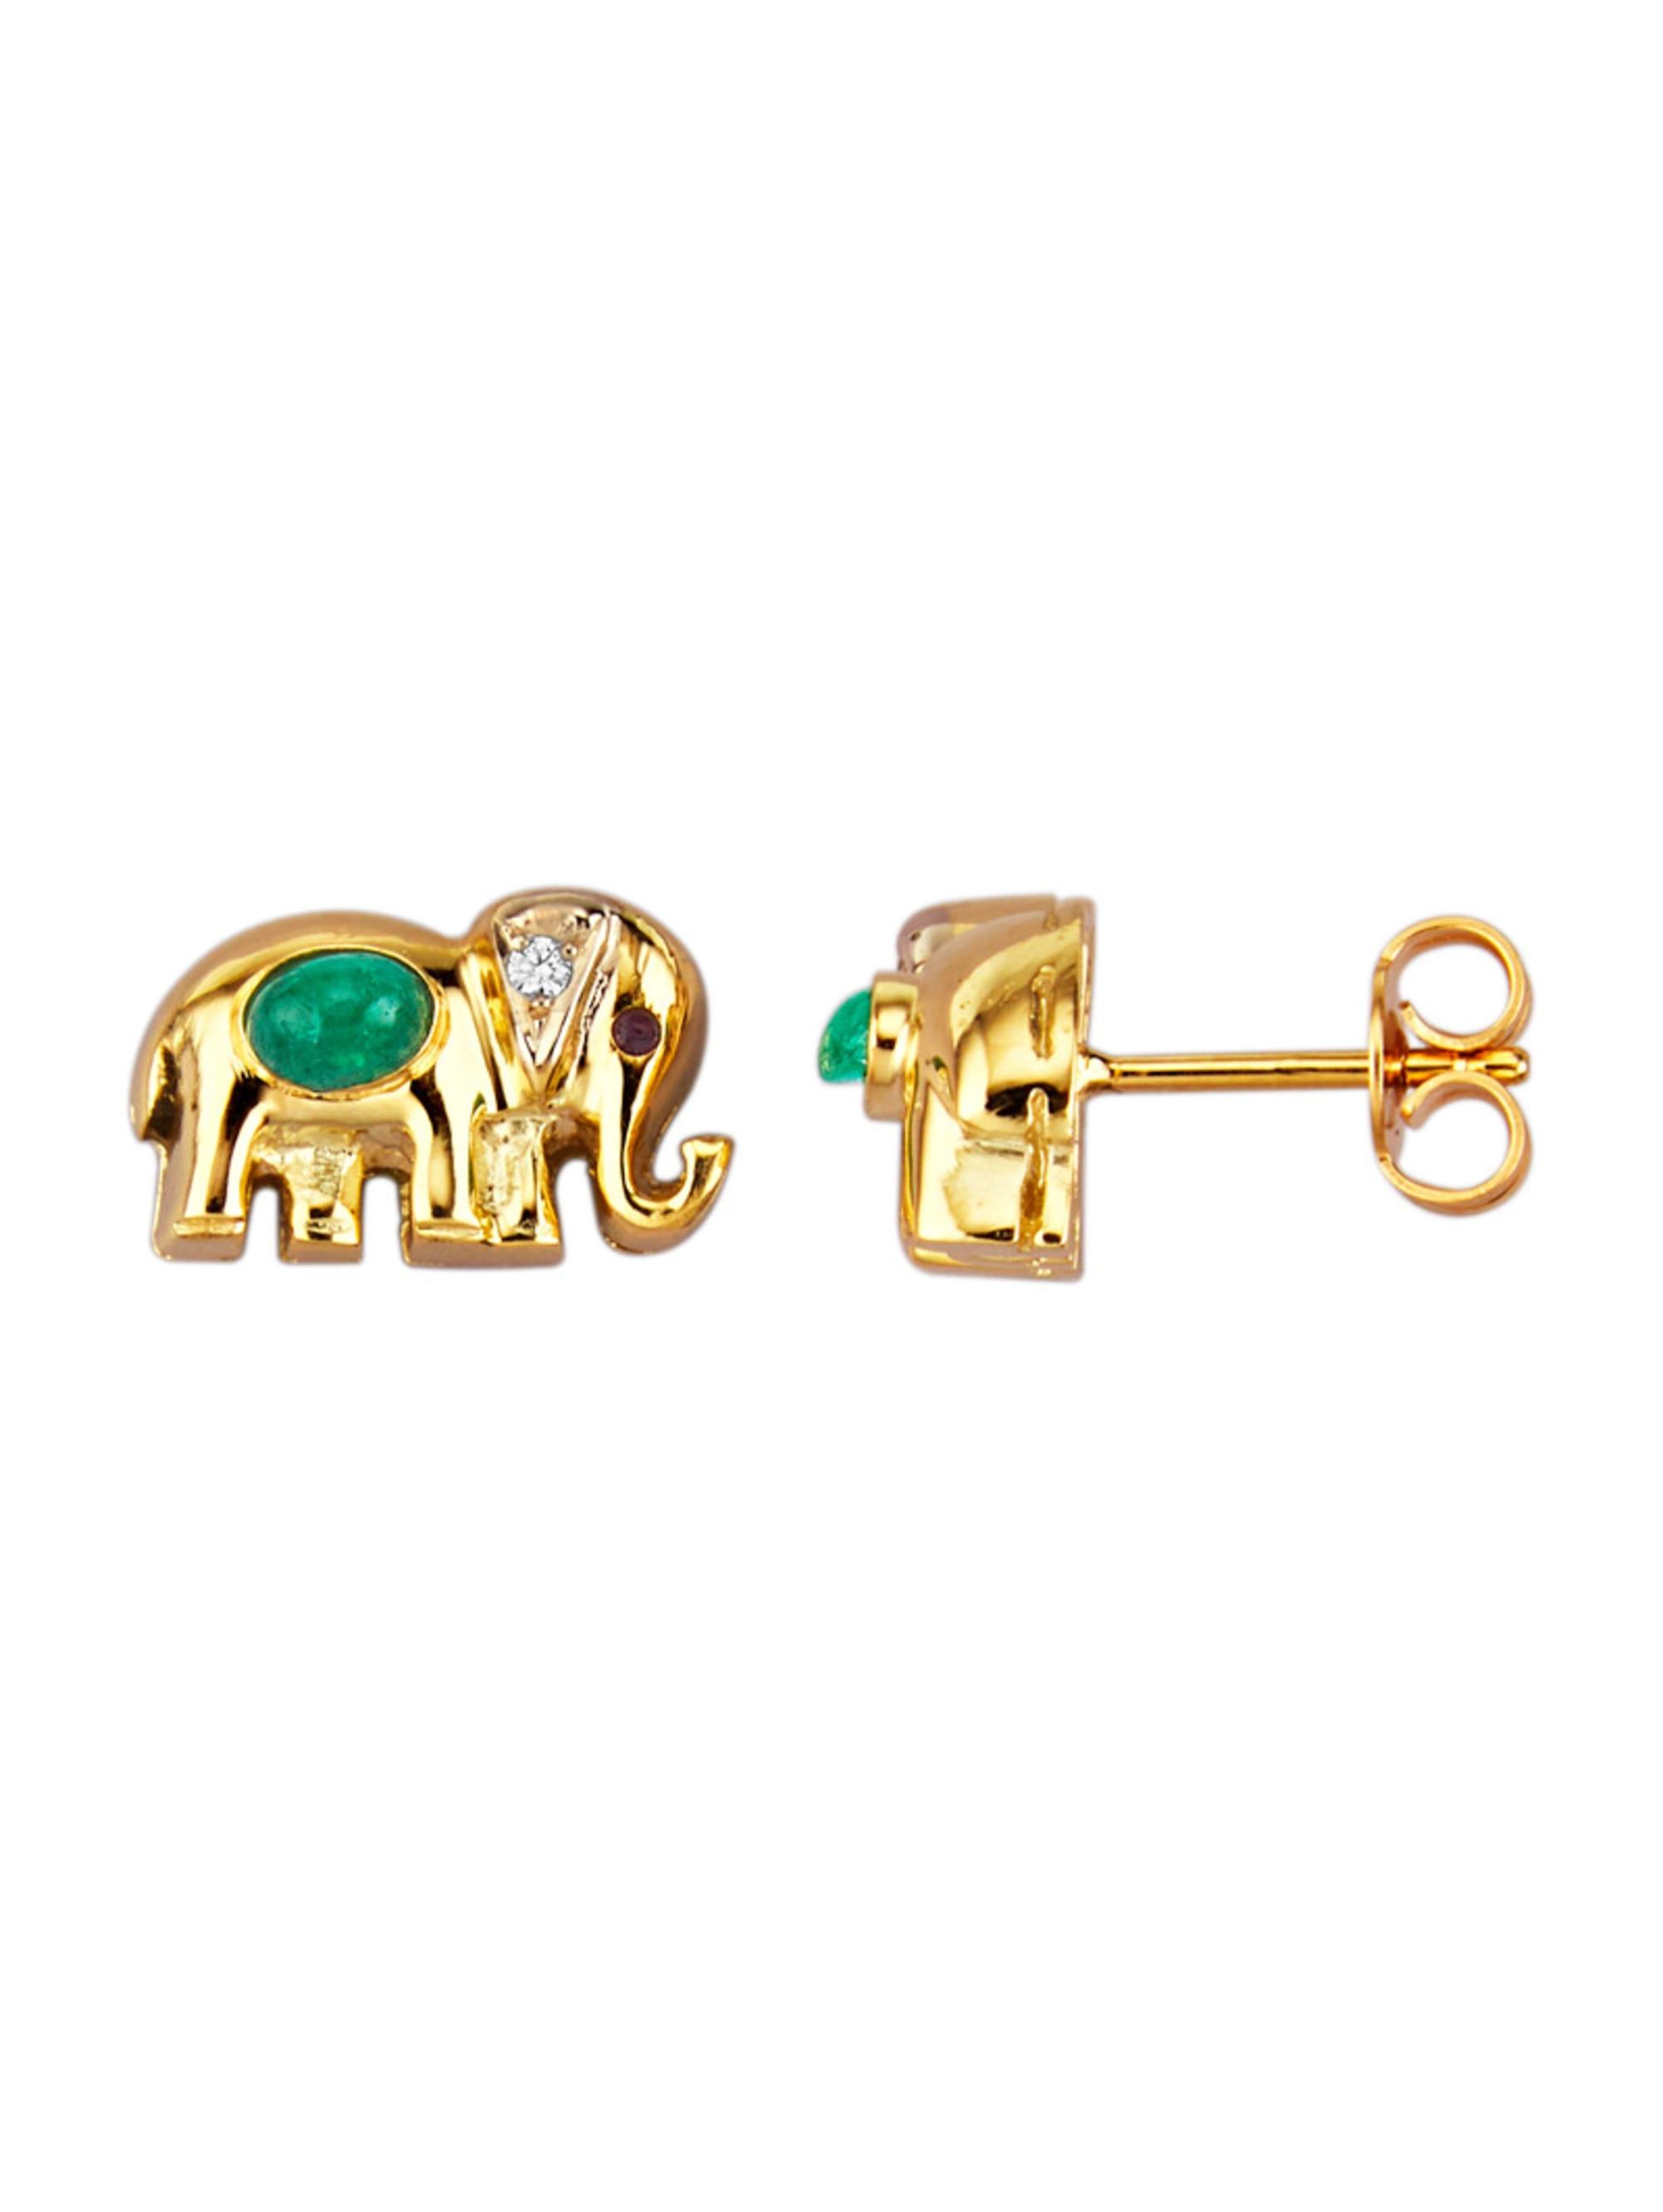 Diemer Farbstein Elefanten-Ohrstecker in Gelbgold fCVtk